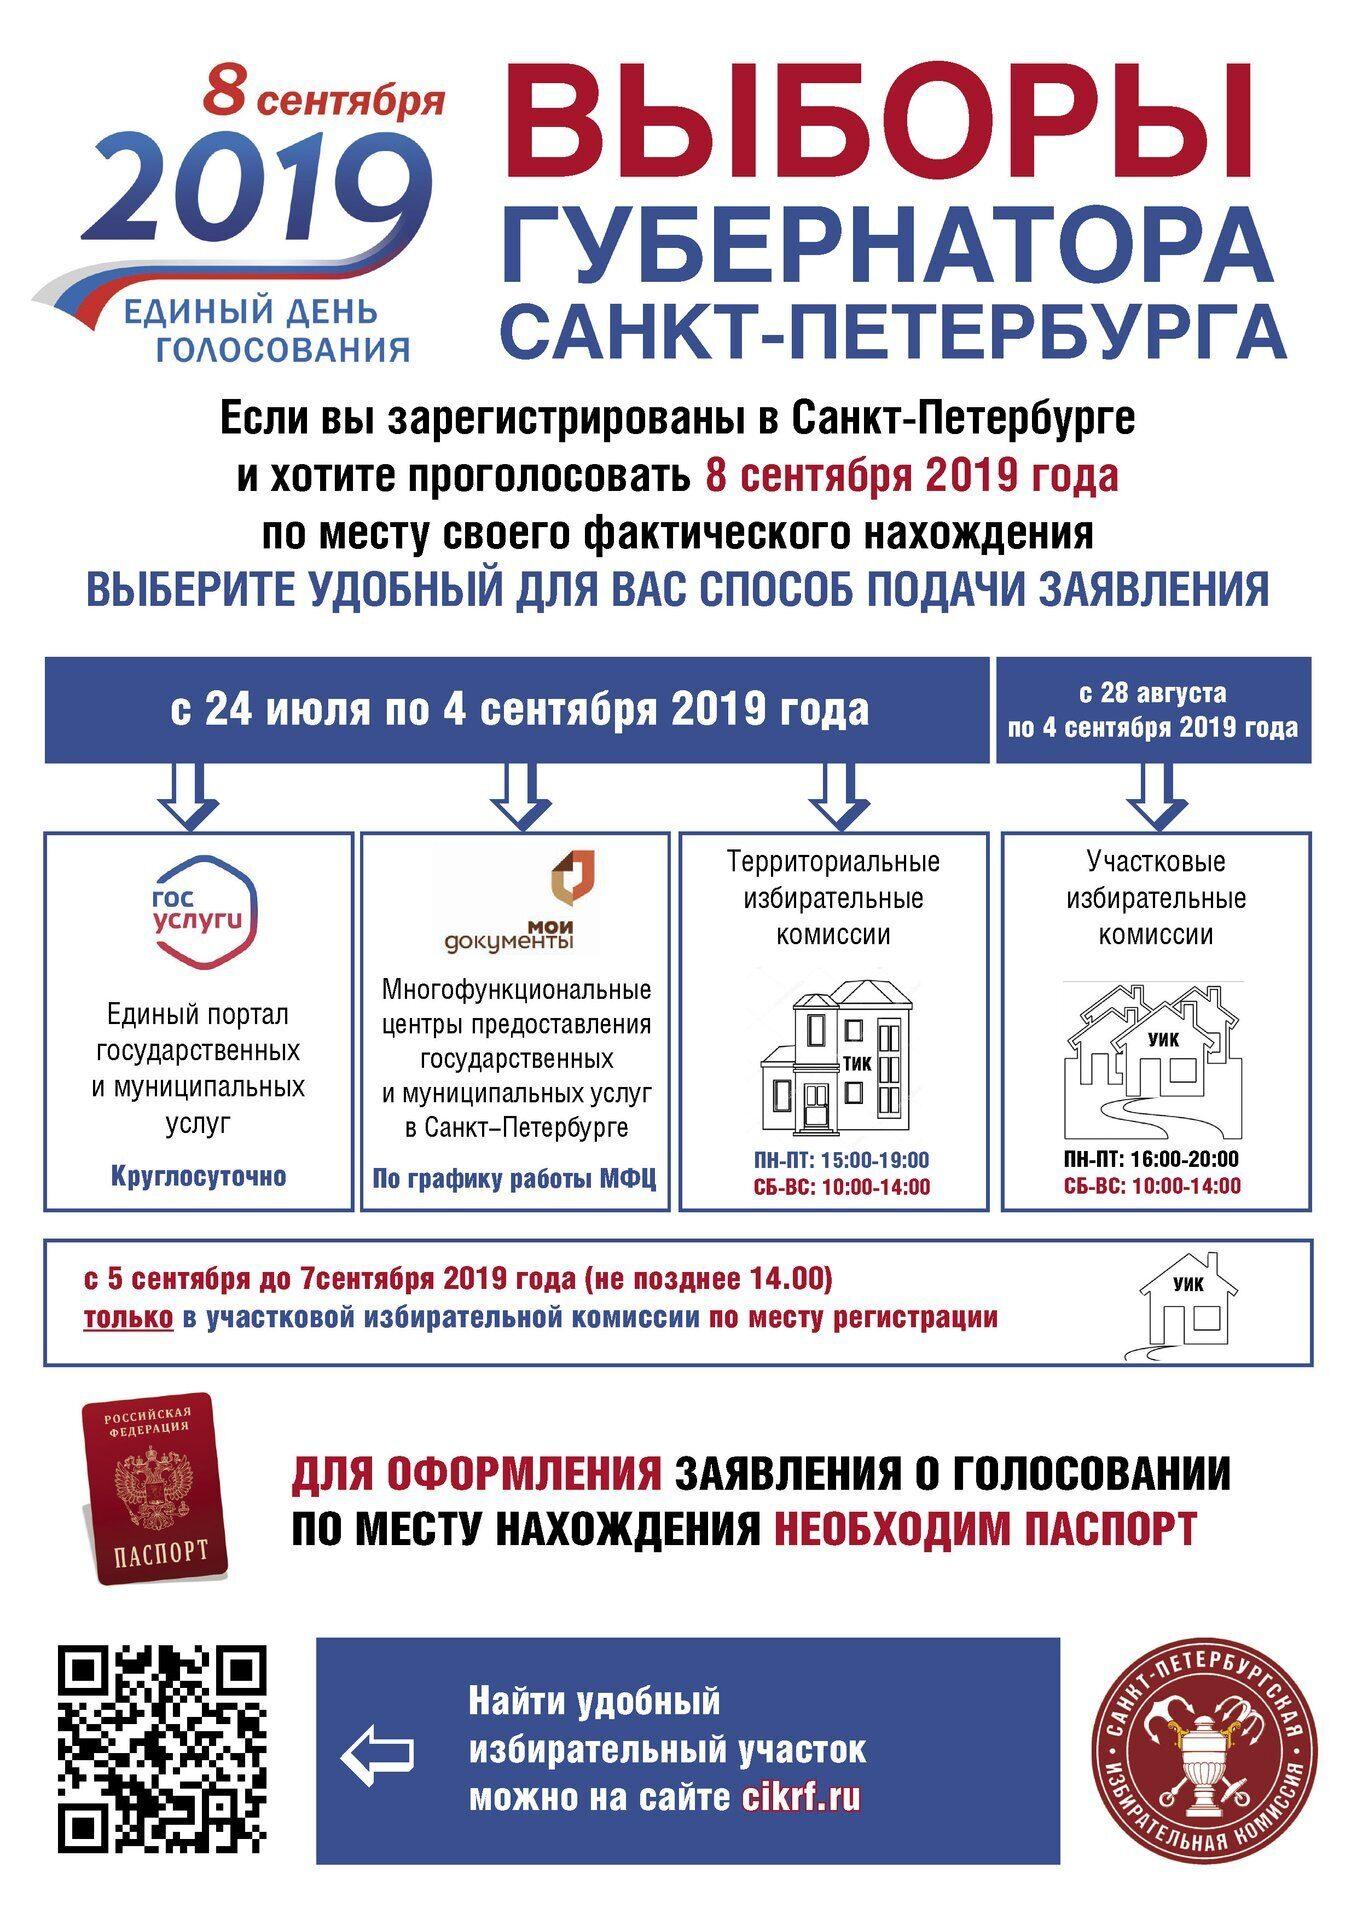 ГБОУ Школа №112 Санкт-Петербурга